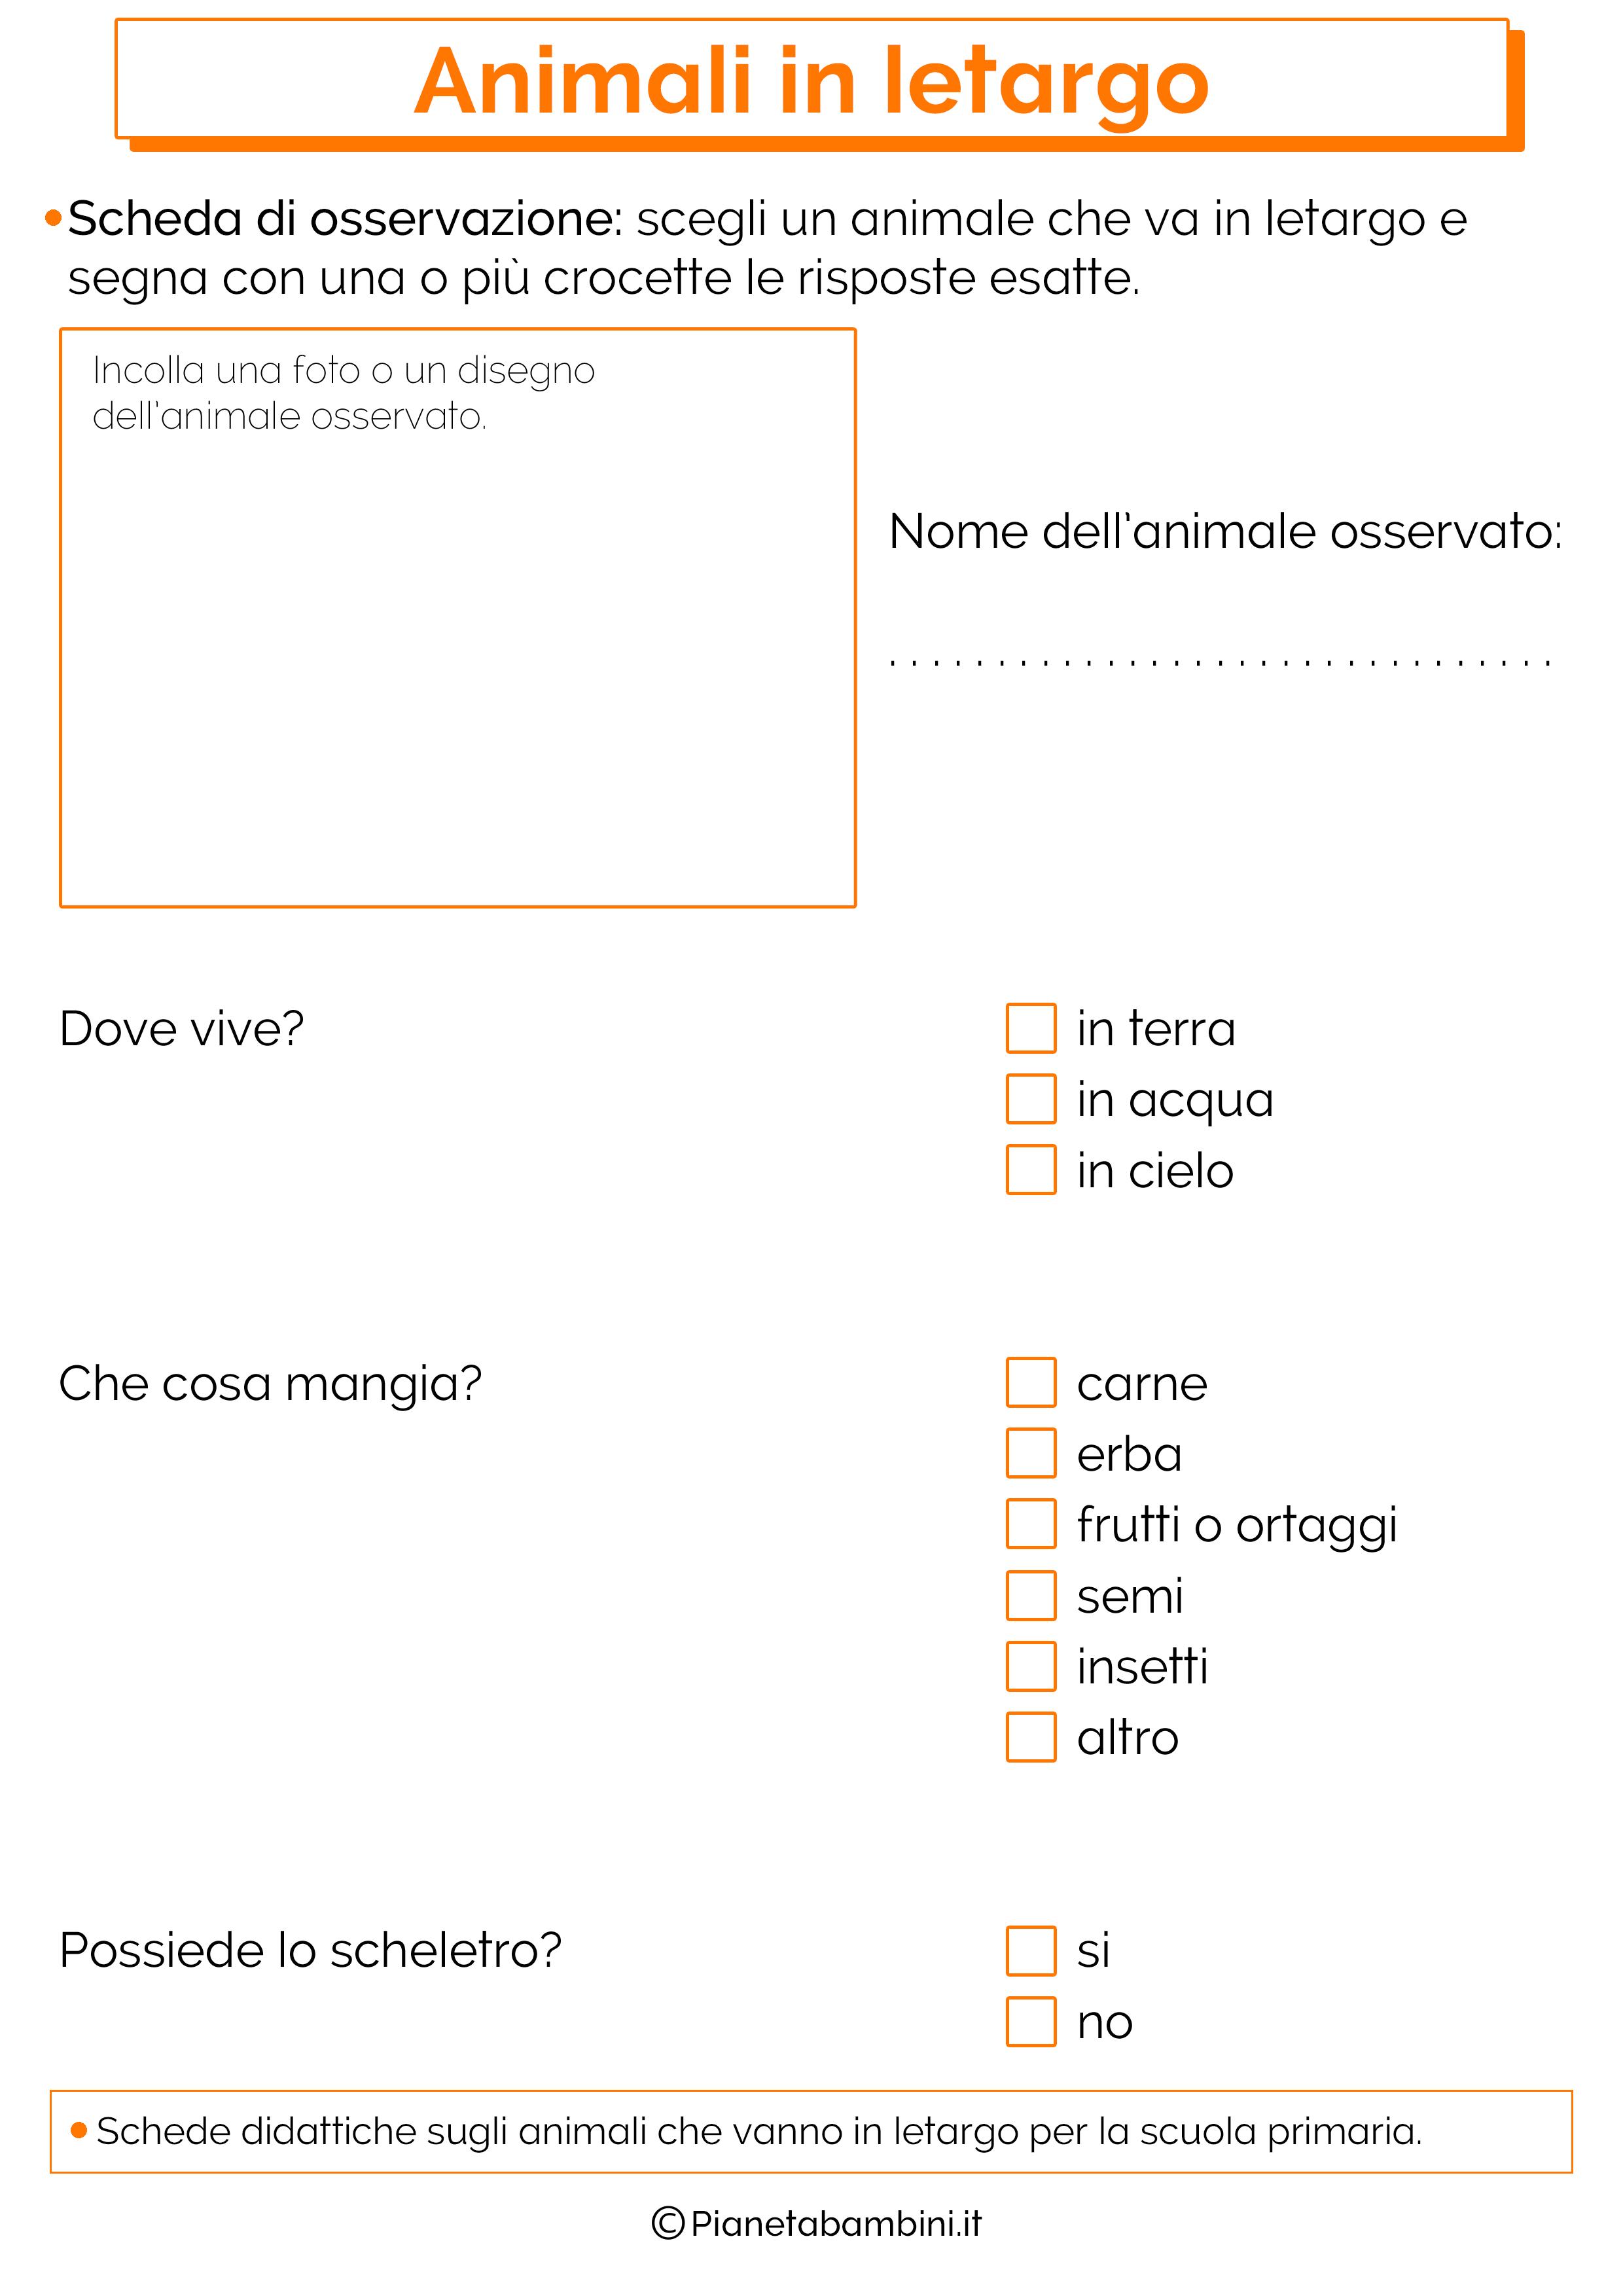 schede-didattiche-animali-letargo-4